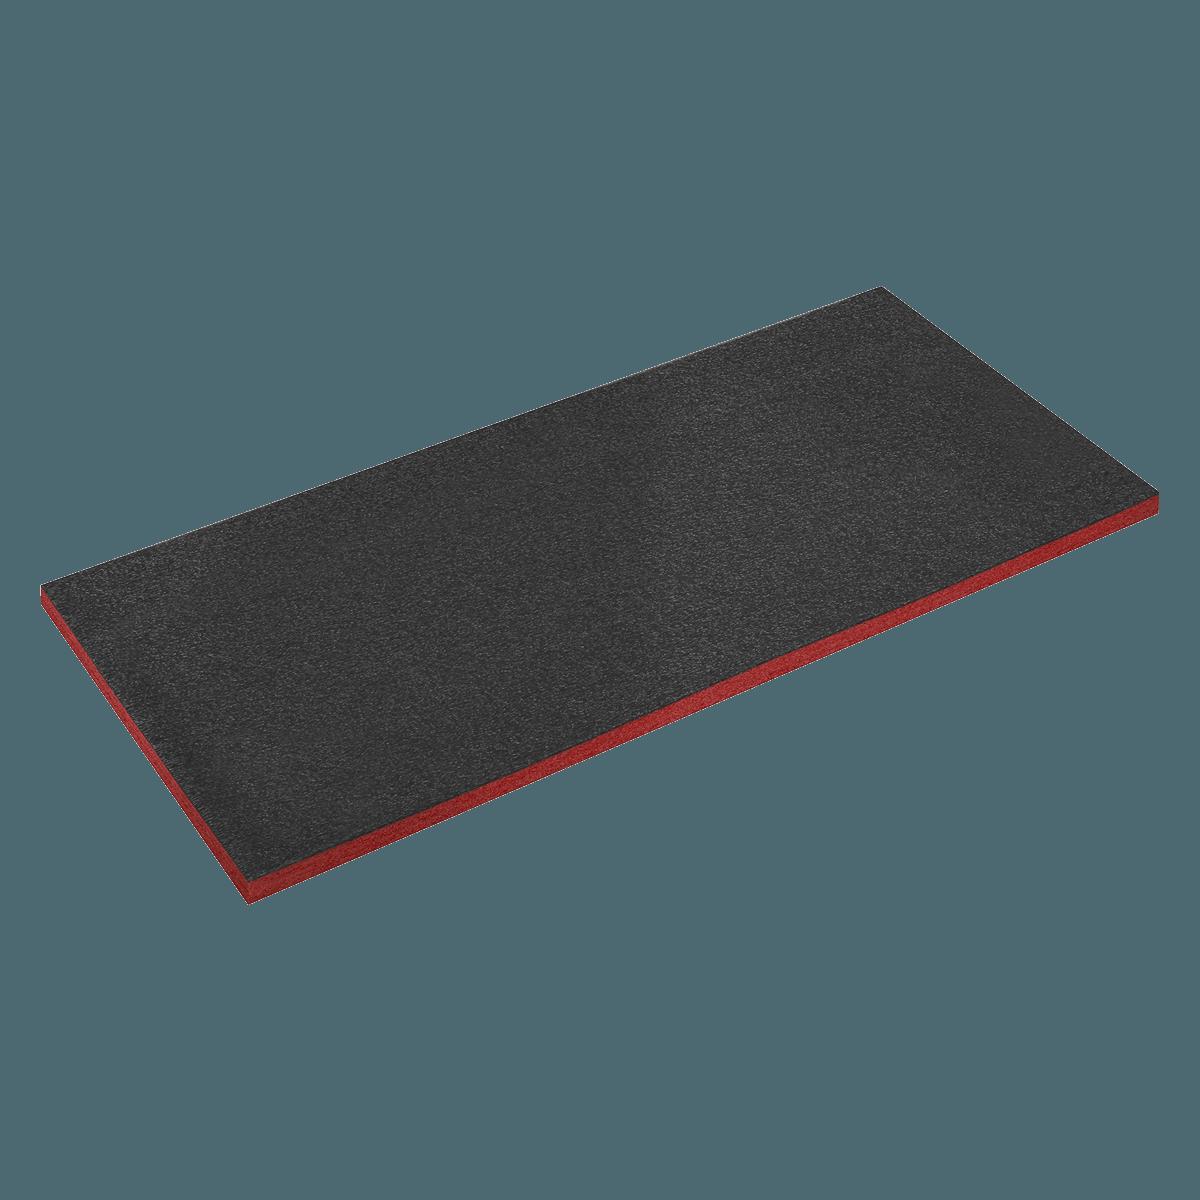 Foam Organizador De Herramientas 1200 X 550 X 30 Mm